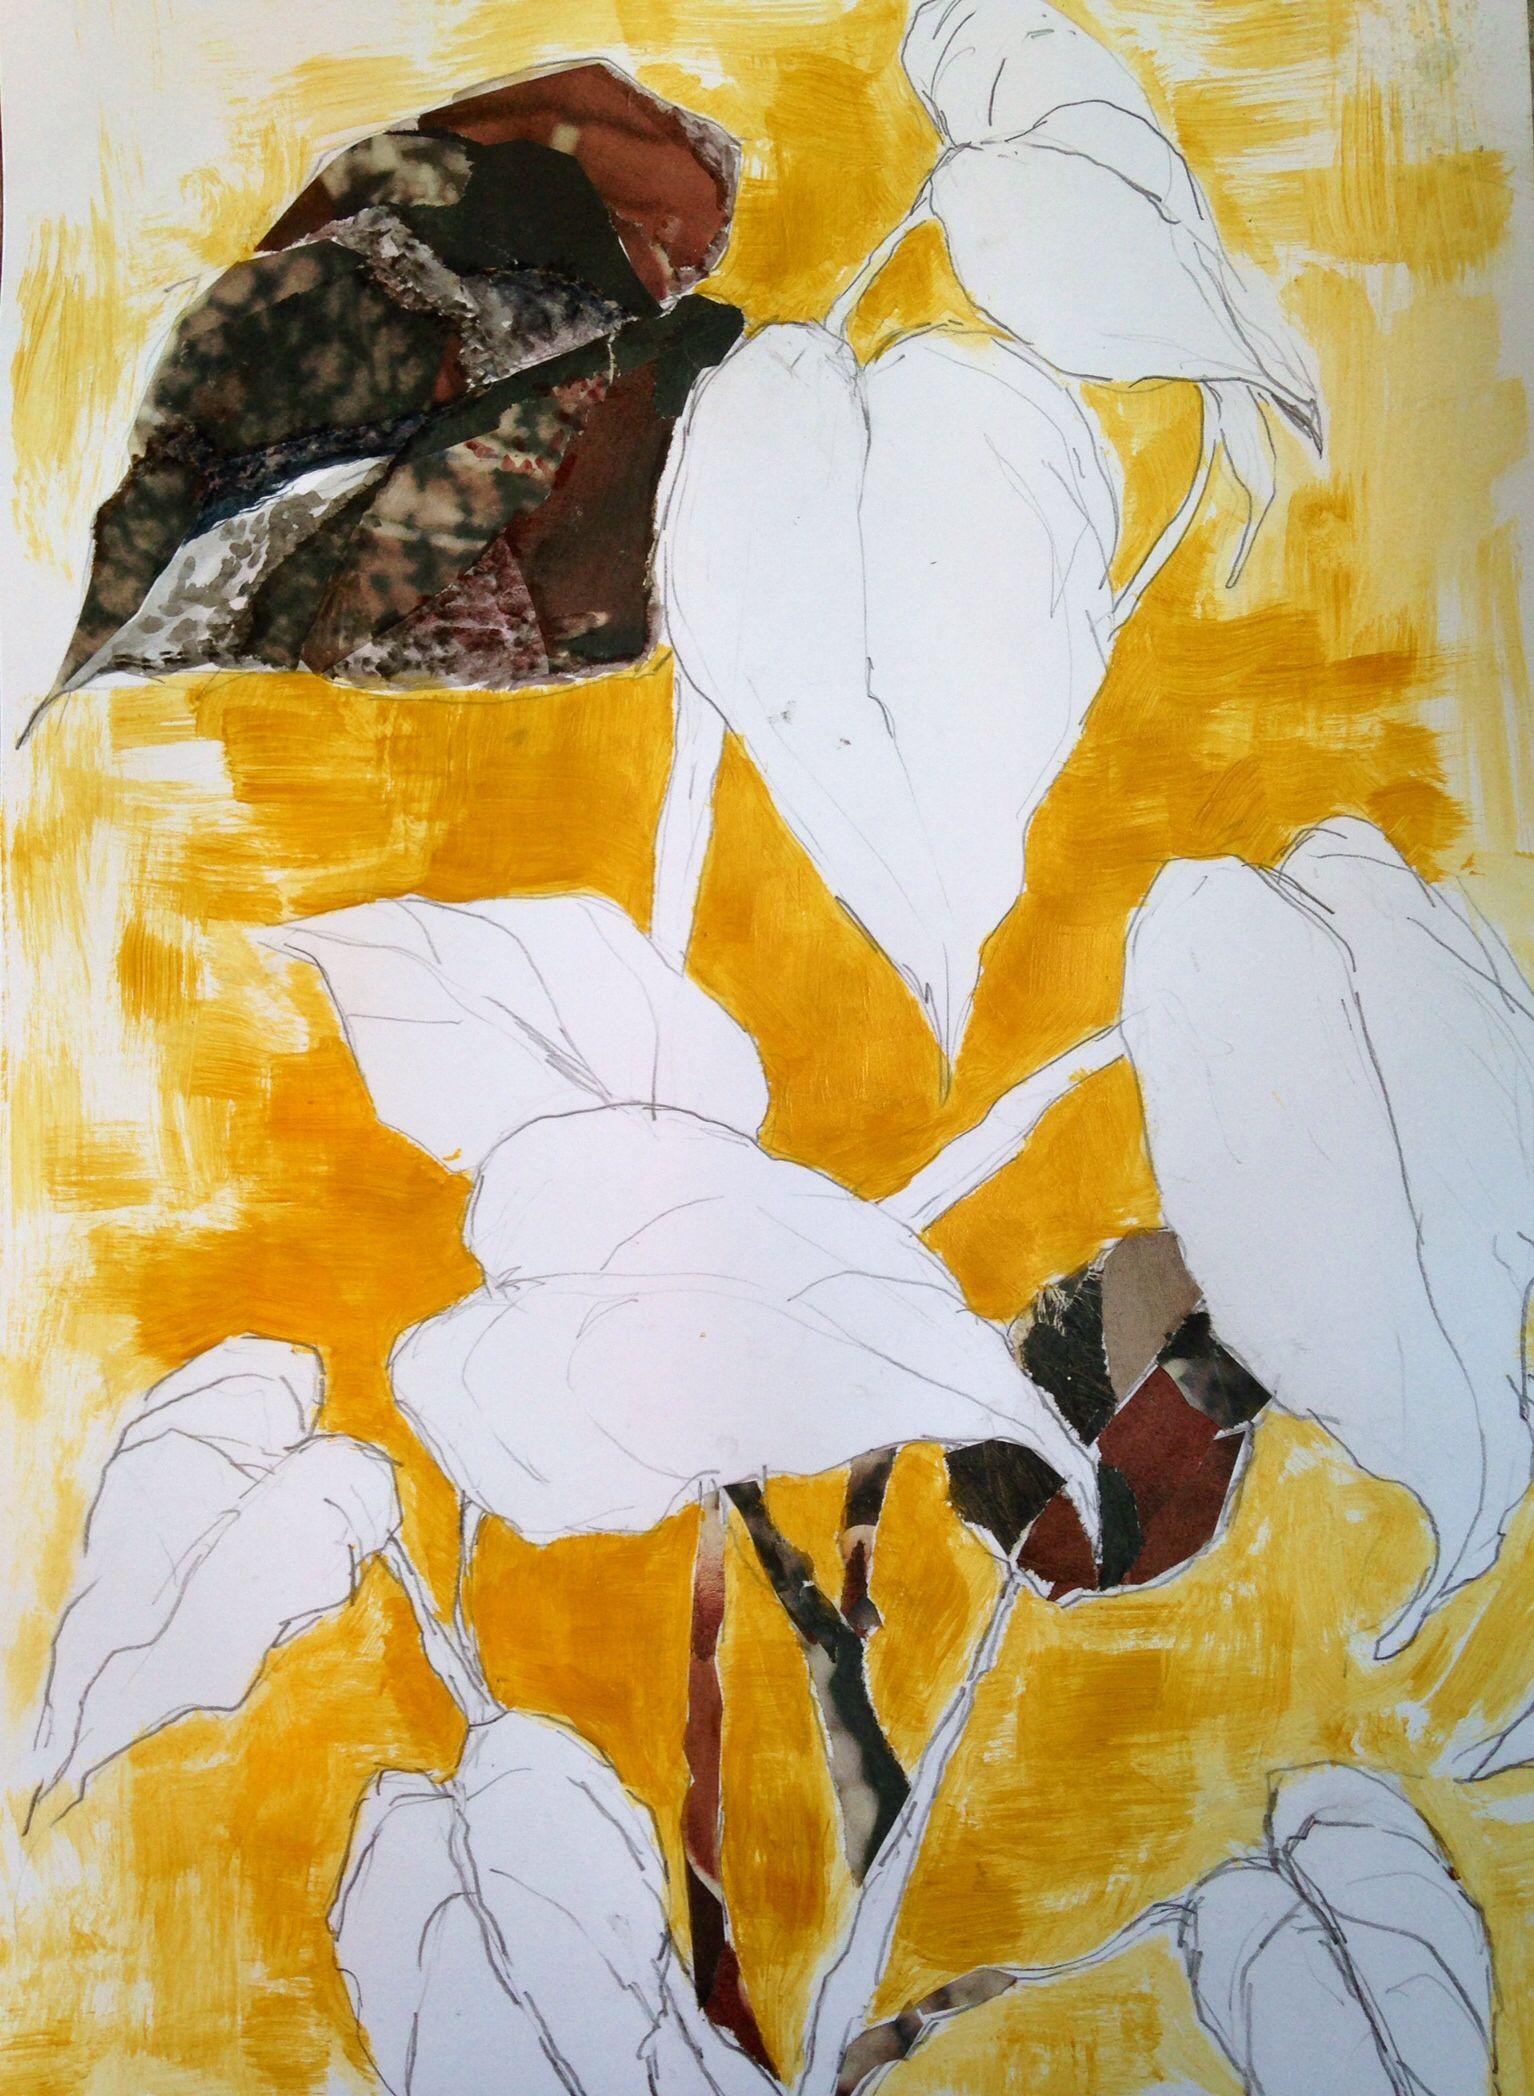 #lindaherrlin #skiss #collage #guldfärg #bild3